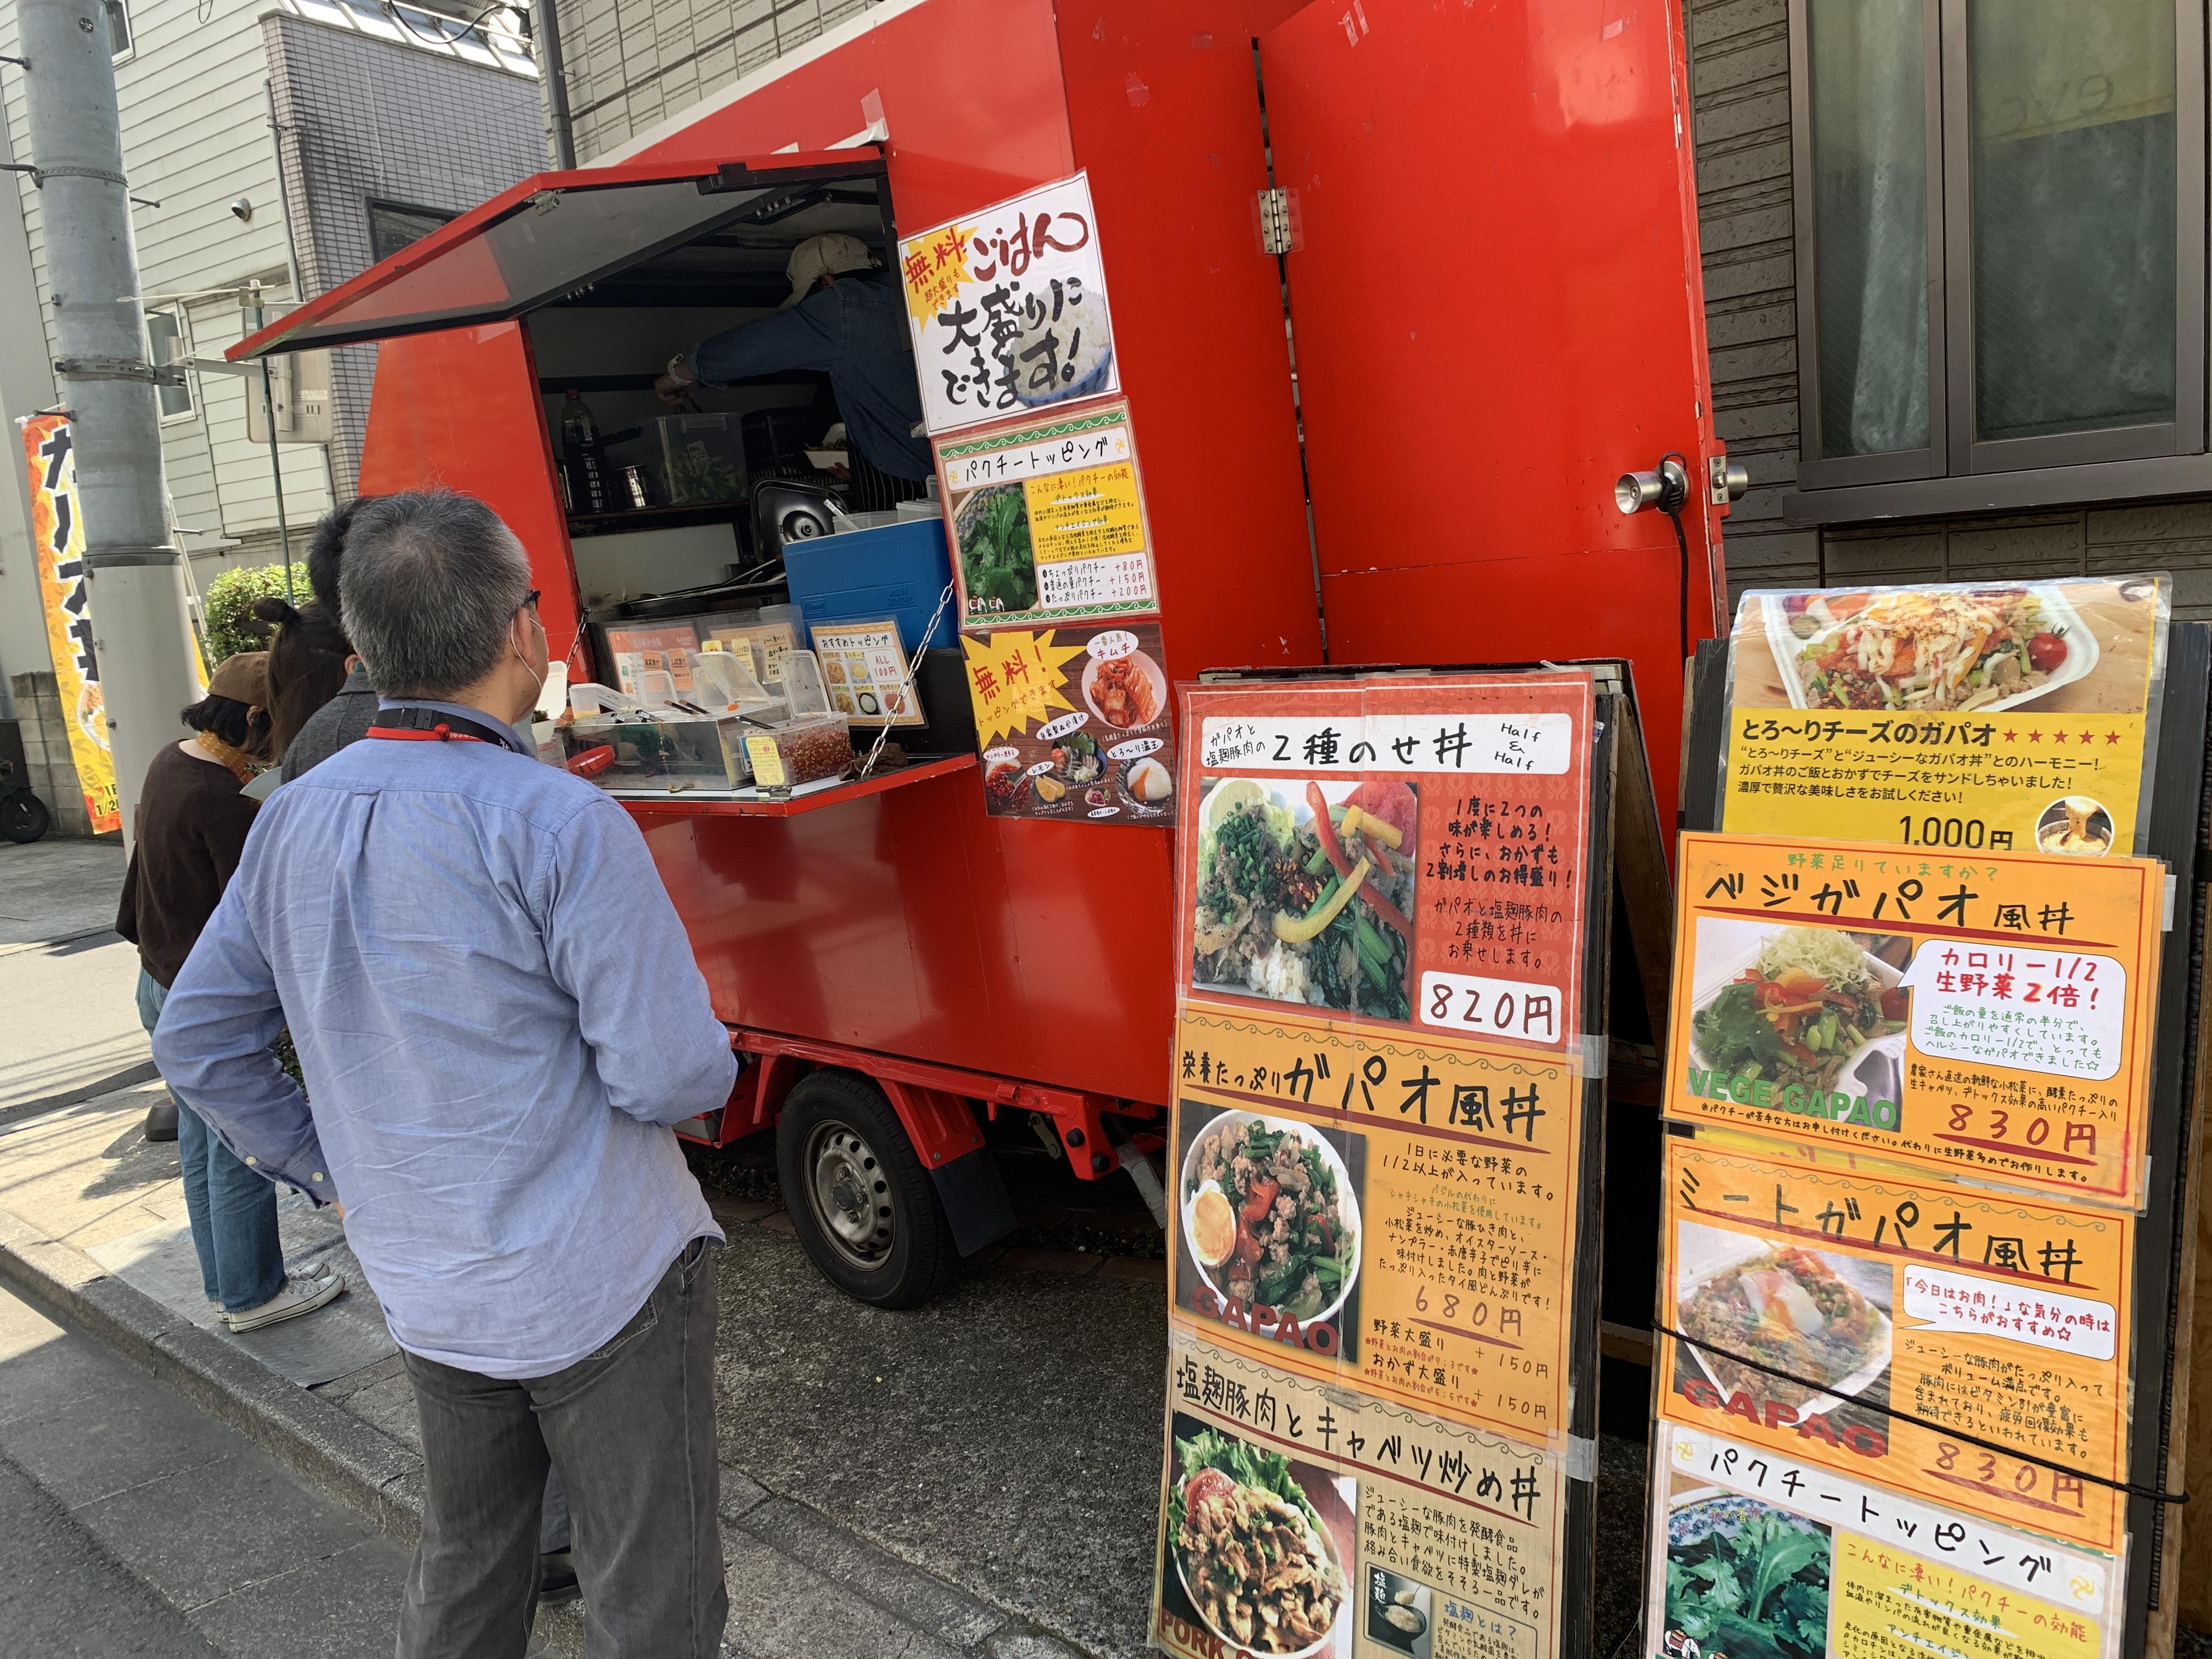 原宿キッチンカー巡り (vol2.ガパオ風と塩麹豚肉とキャベツ炒めの二種丼)